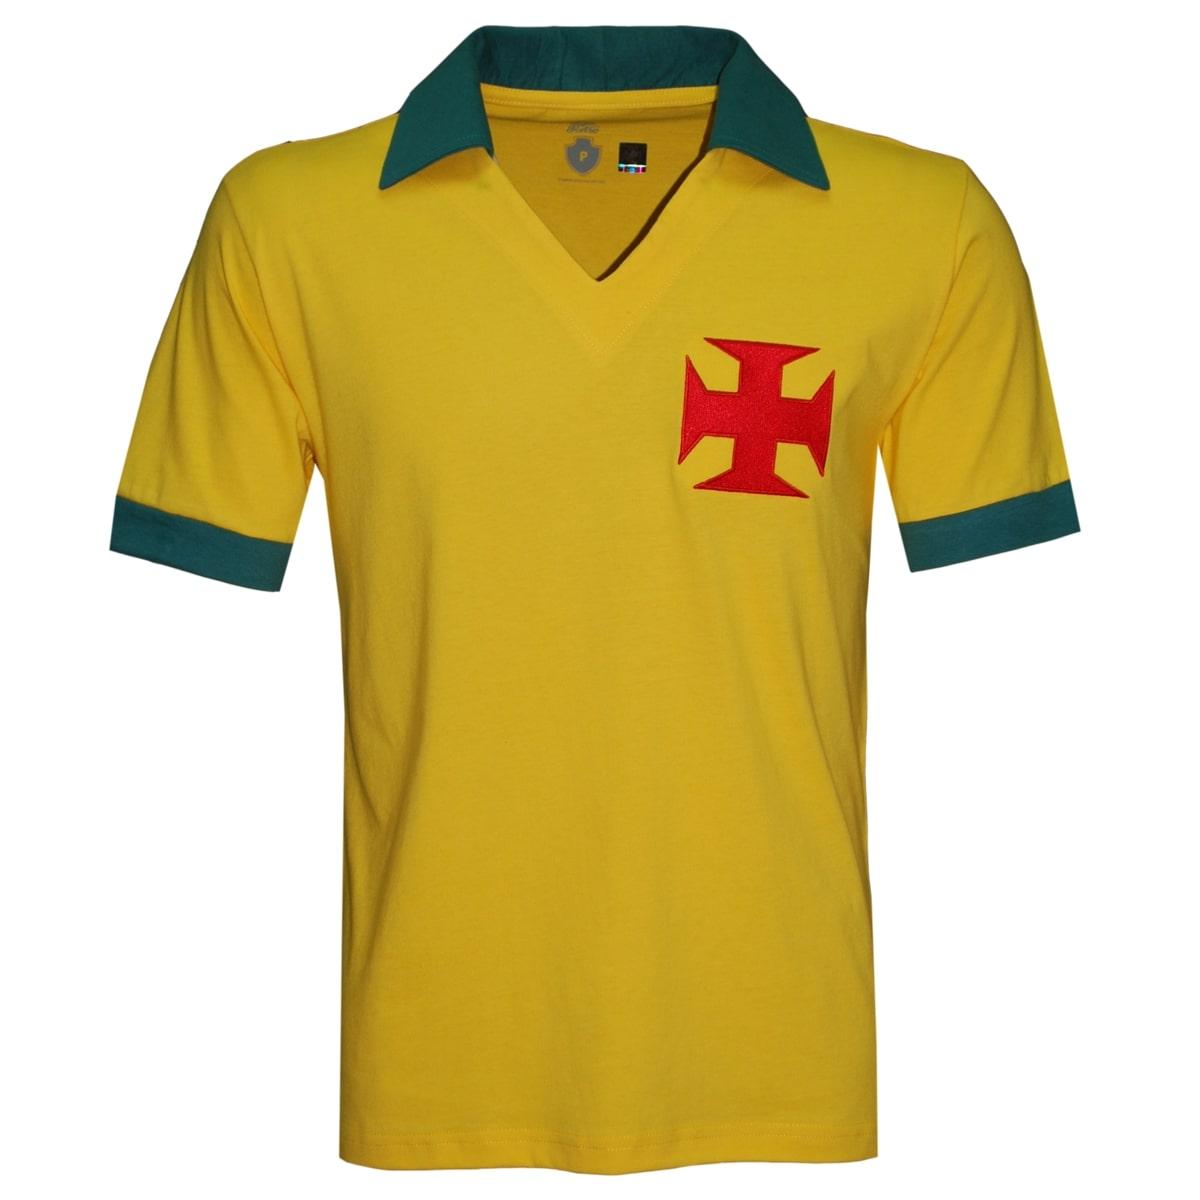 Camisa Vasco Brasil - Edição limitada